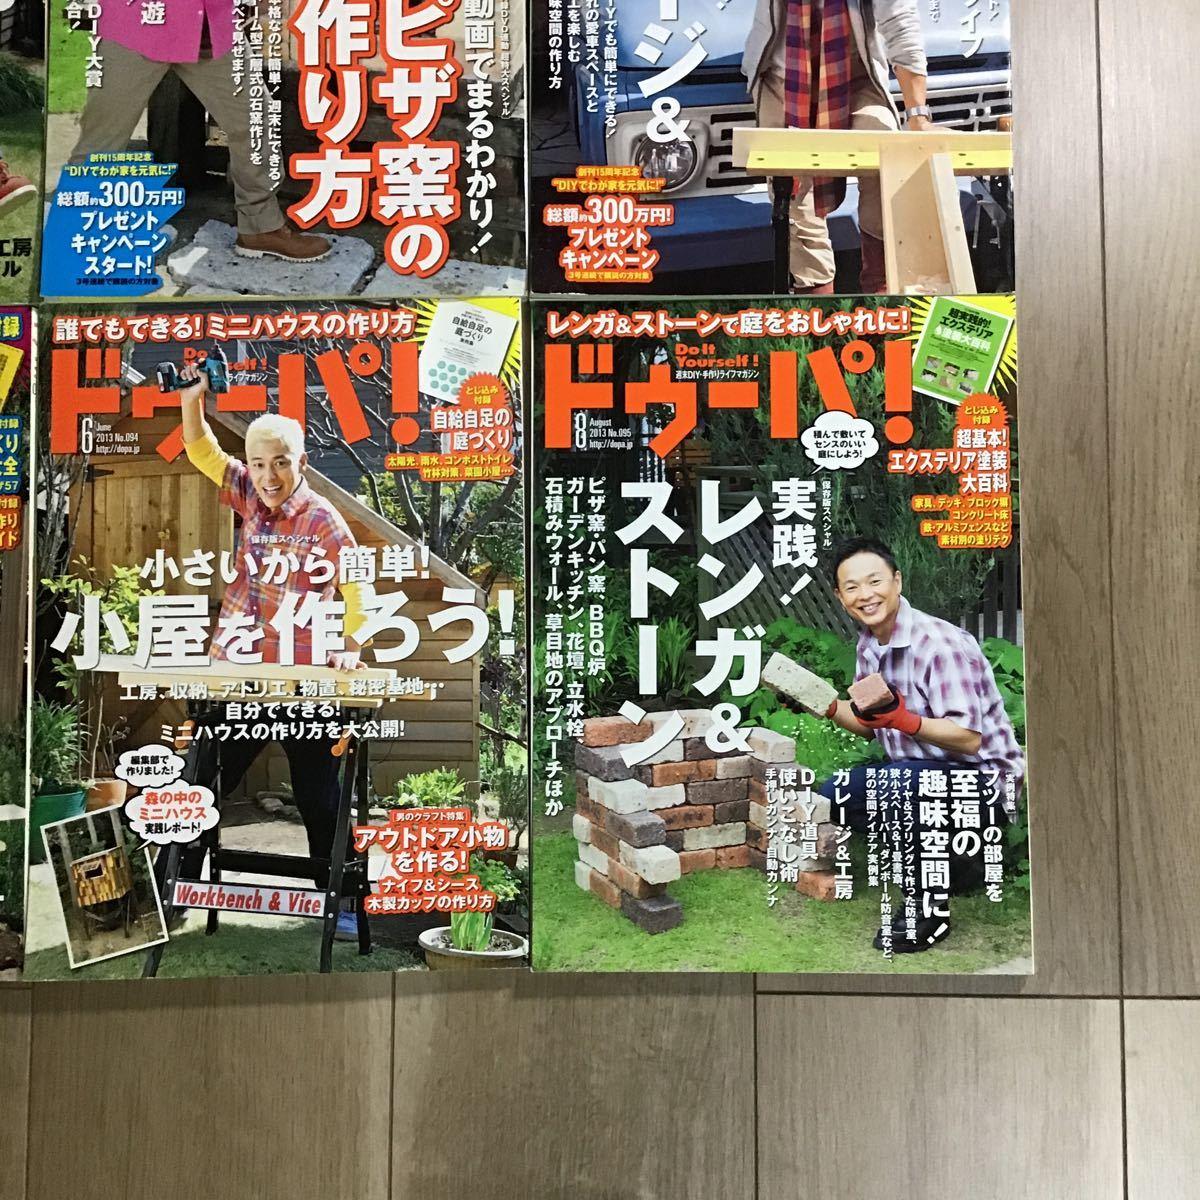 ドゥーパ! No88~95 (2012/6~2013/8) 8冊セット_画像5